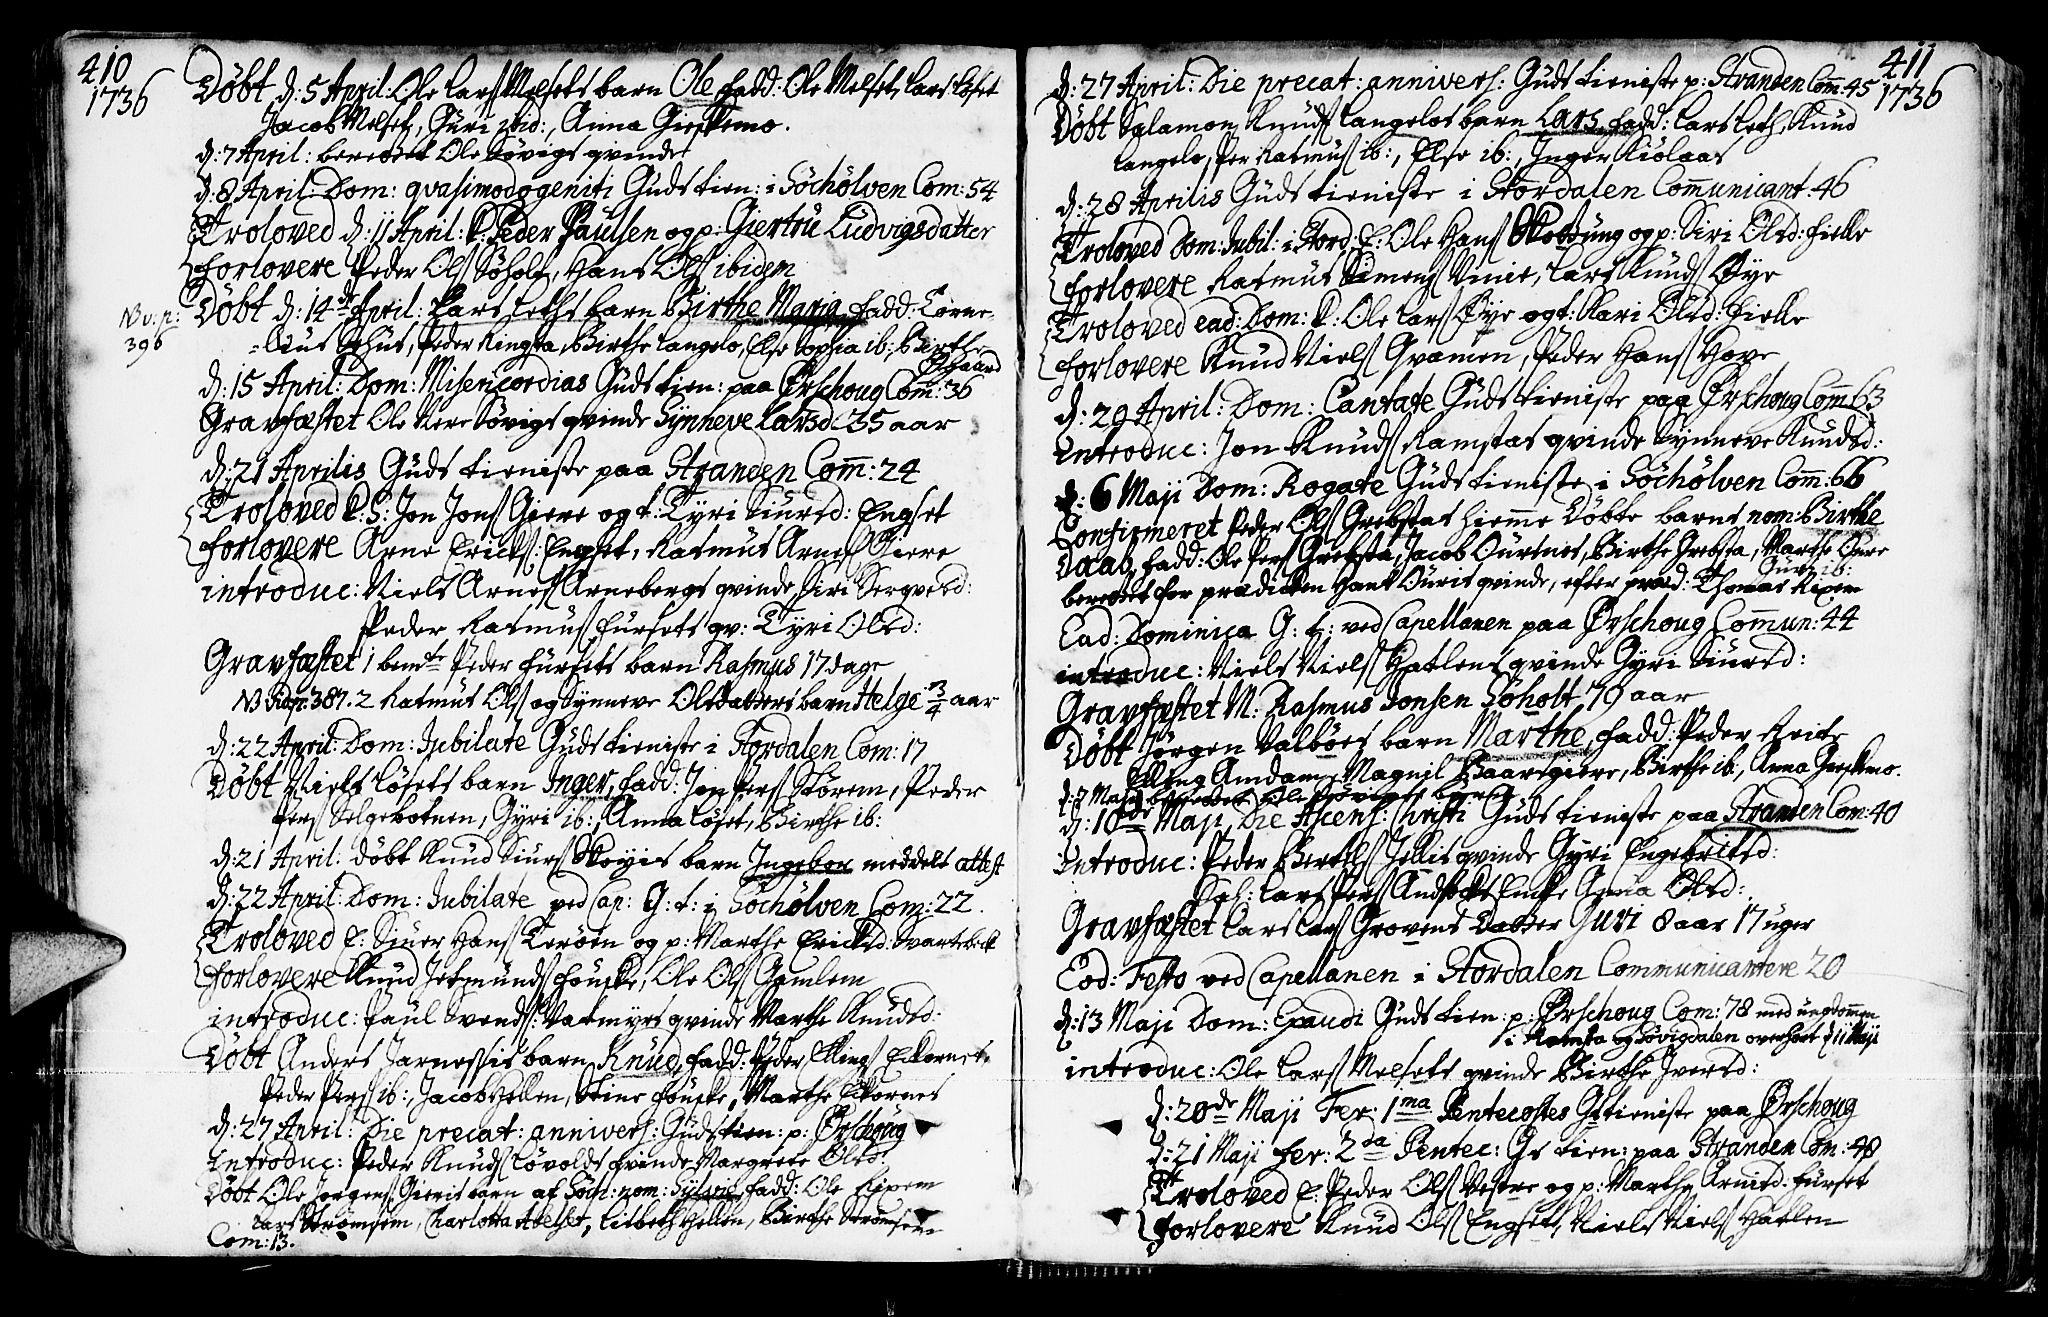 SAT, Ministerialprotokoller, klokkerbøker og fødselsregistre - Møre og Romsdal, 522/L0306: Ministerialbok nr. 522A01, 1720-1743, s. 410-411